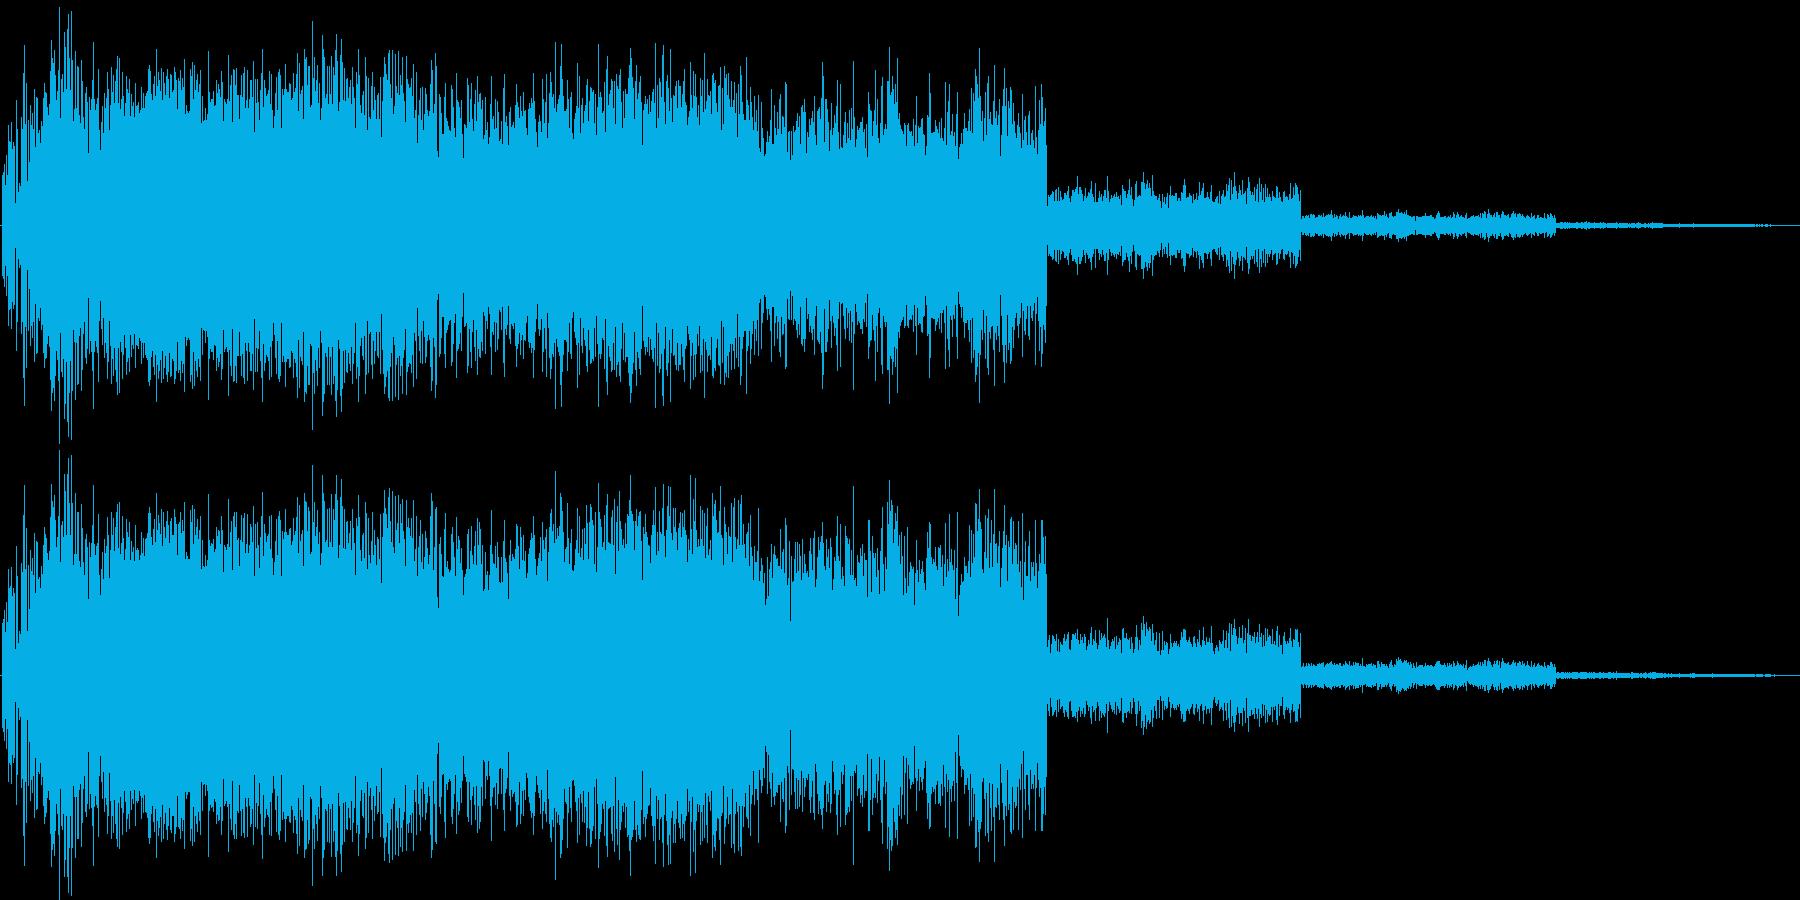 怪しい雰囲気の攻撃音 ビシャーンの再生済みの波形